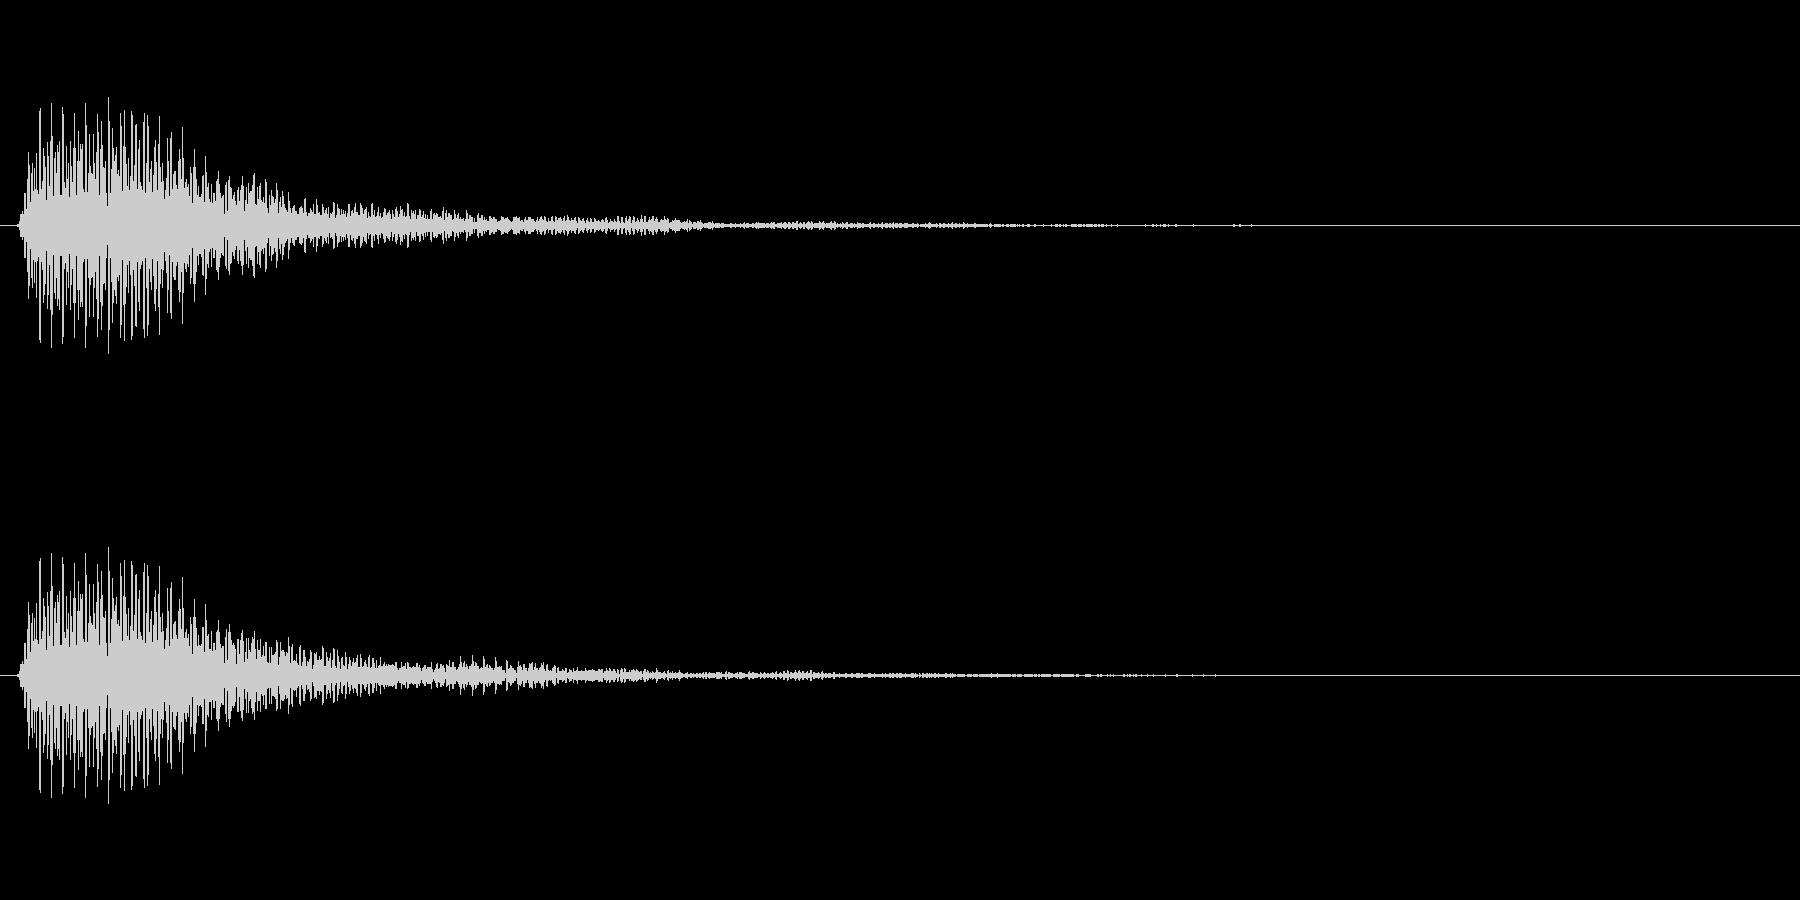 決定音(リバーブのかかった荘厳な音)の未再生の波形